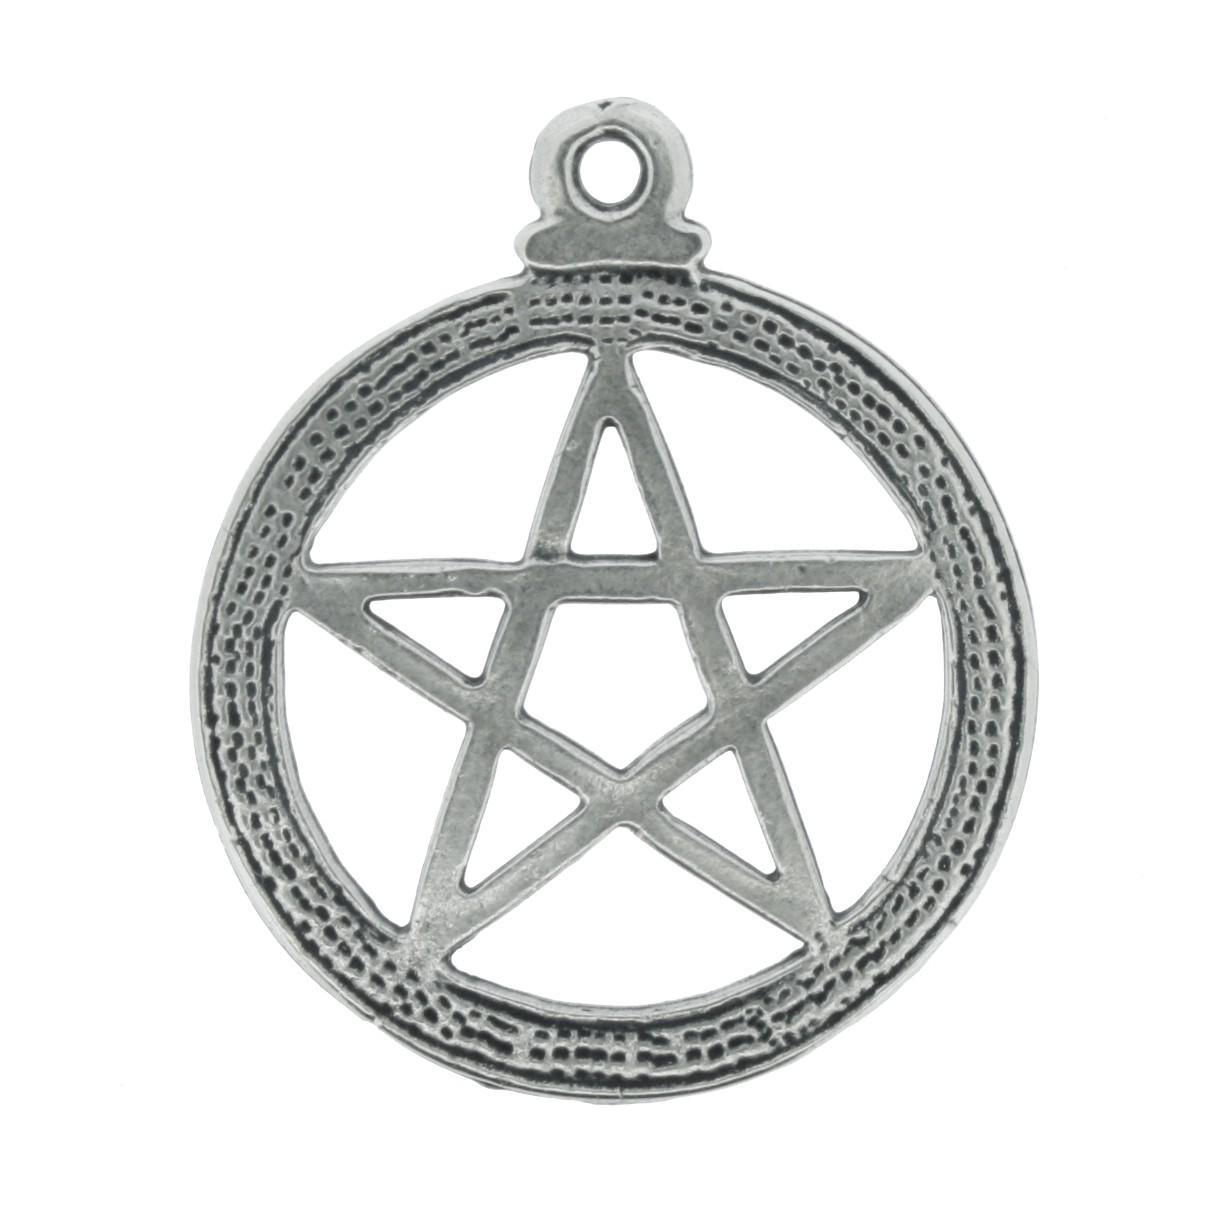 Pentagrama - Níquel Velho - 20mm  - Universo Religioso® - Artigos de Umbanda e Candomblé